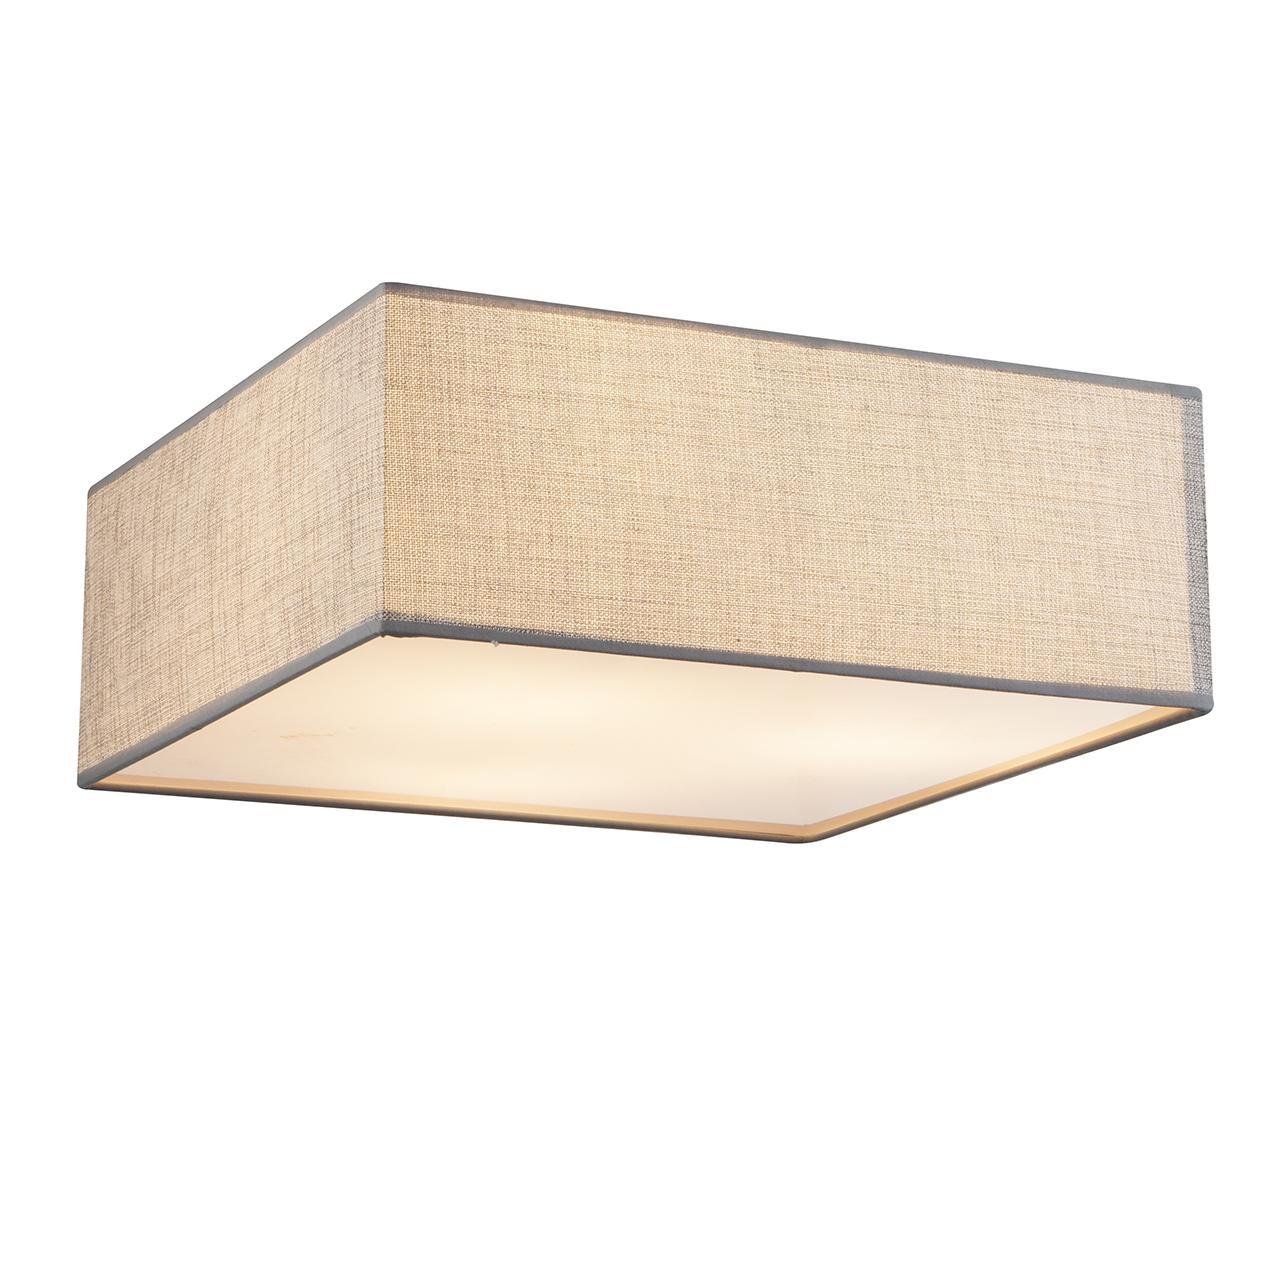 Купить Потолочный светильник Globo Paco, inmyroom, Россия